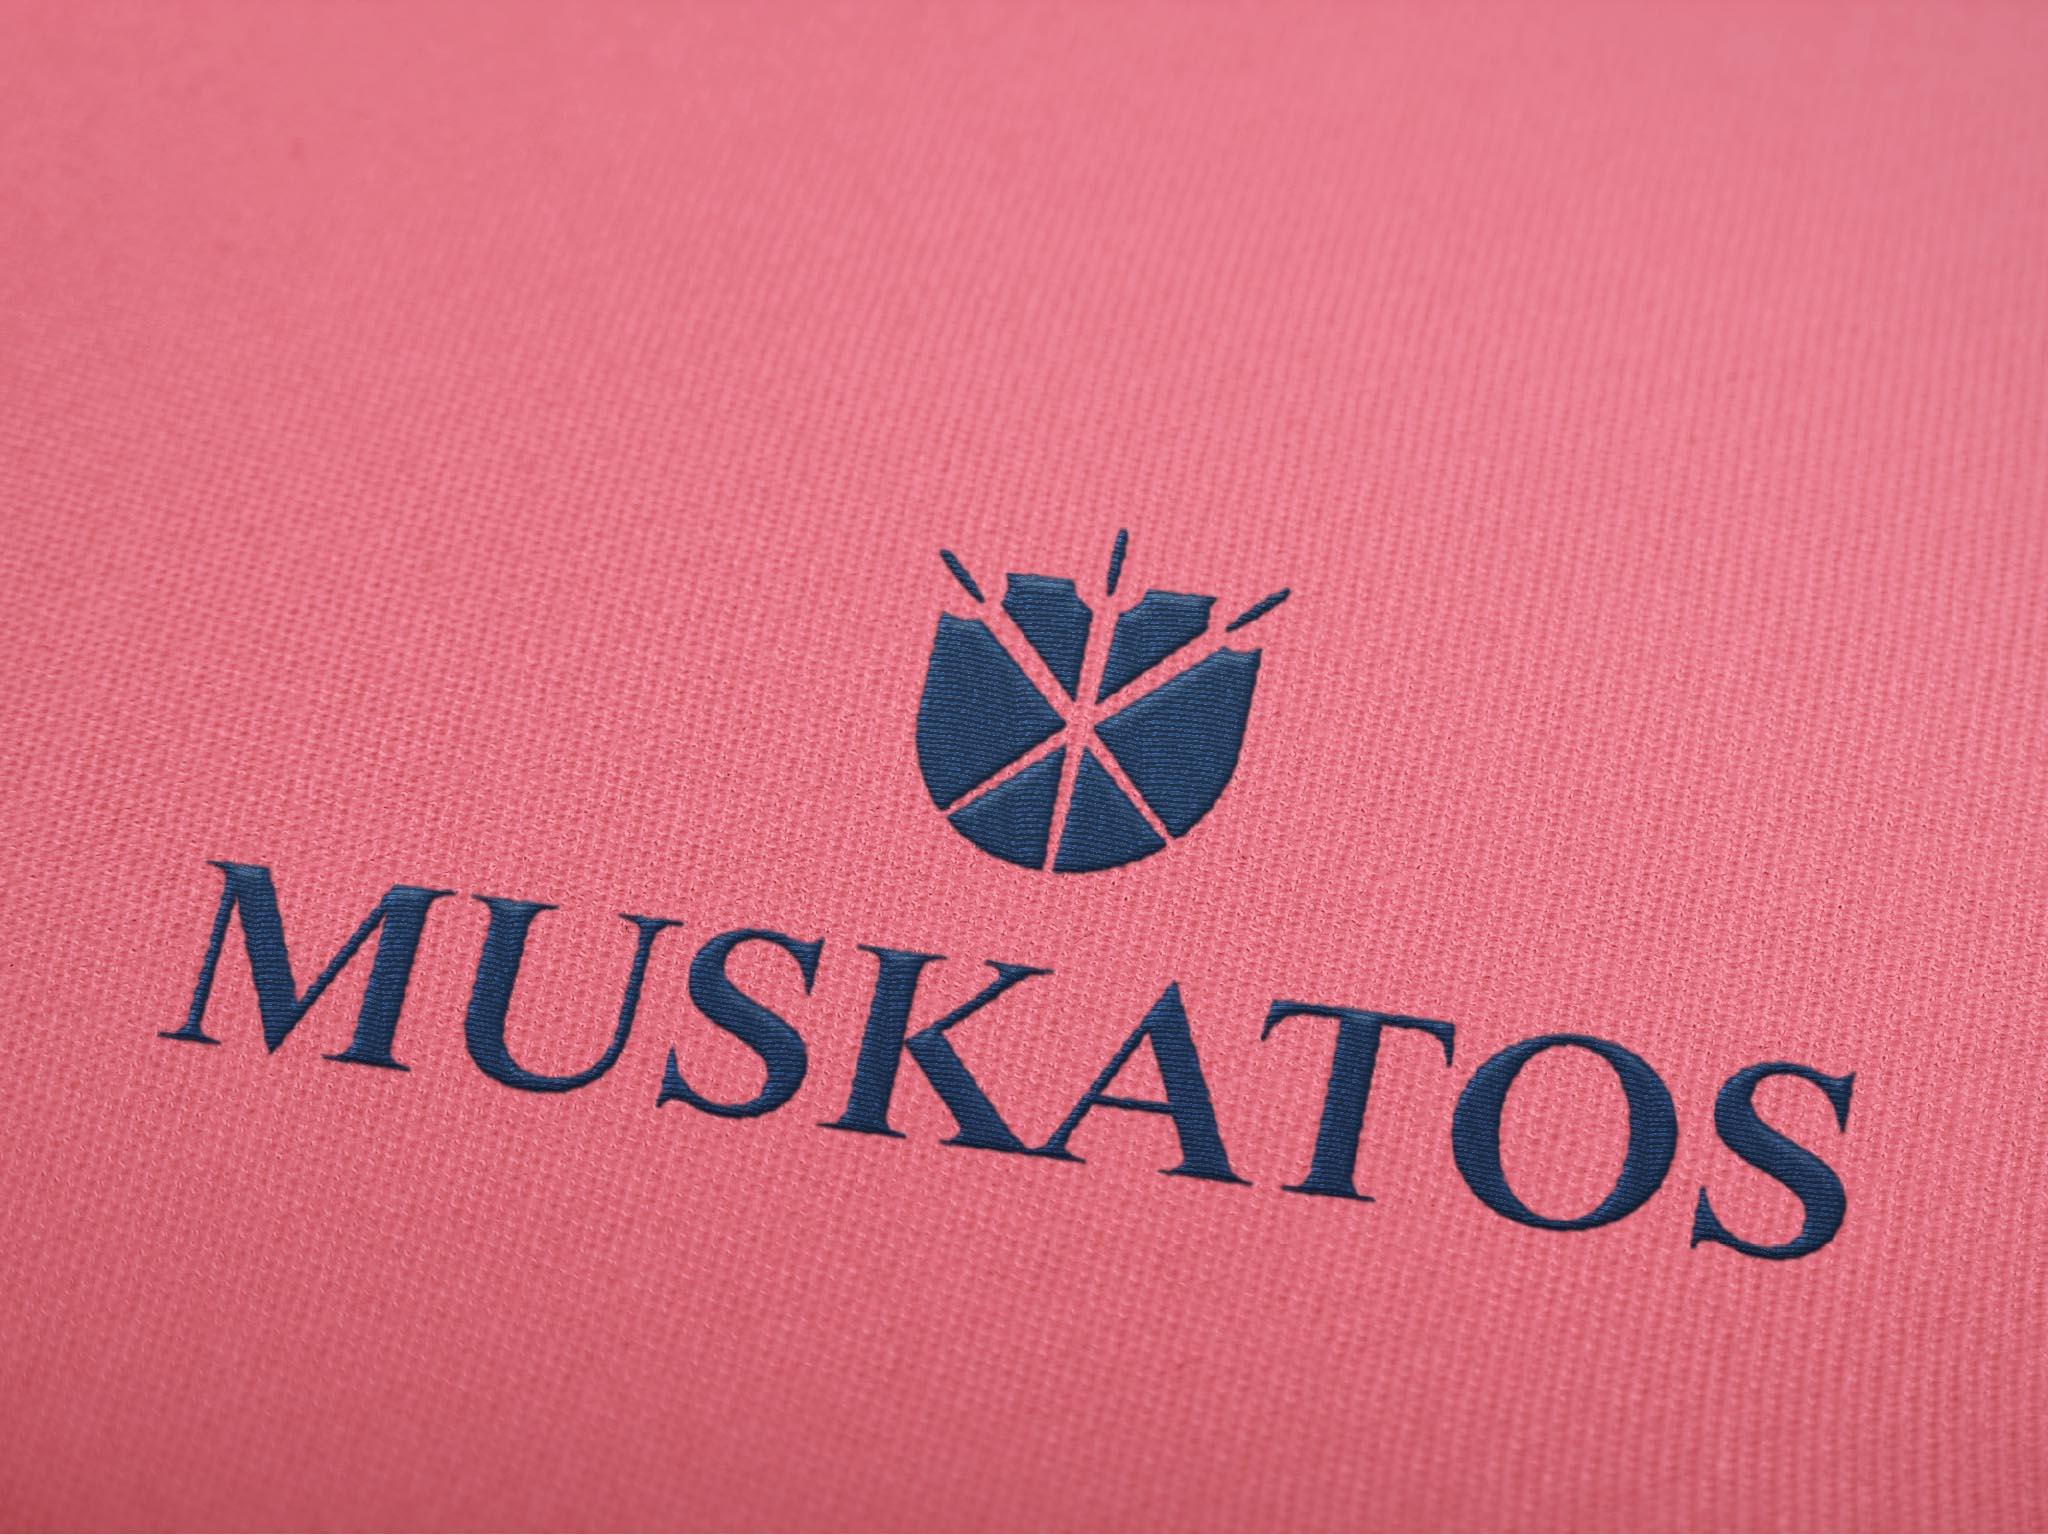 logo_muskatos_haft_2